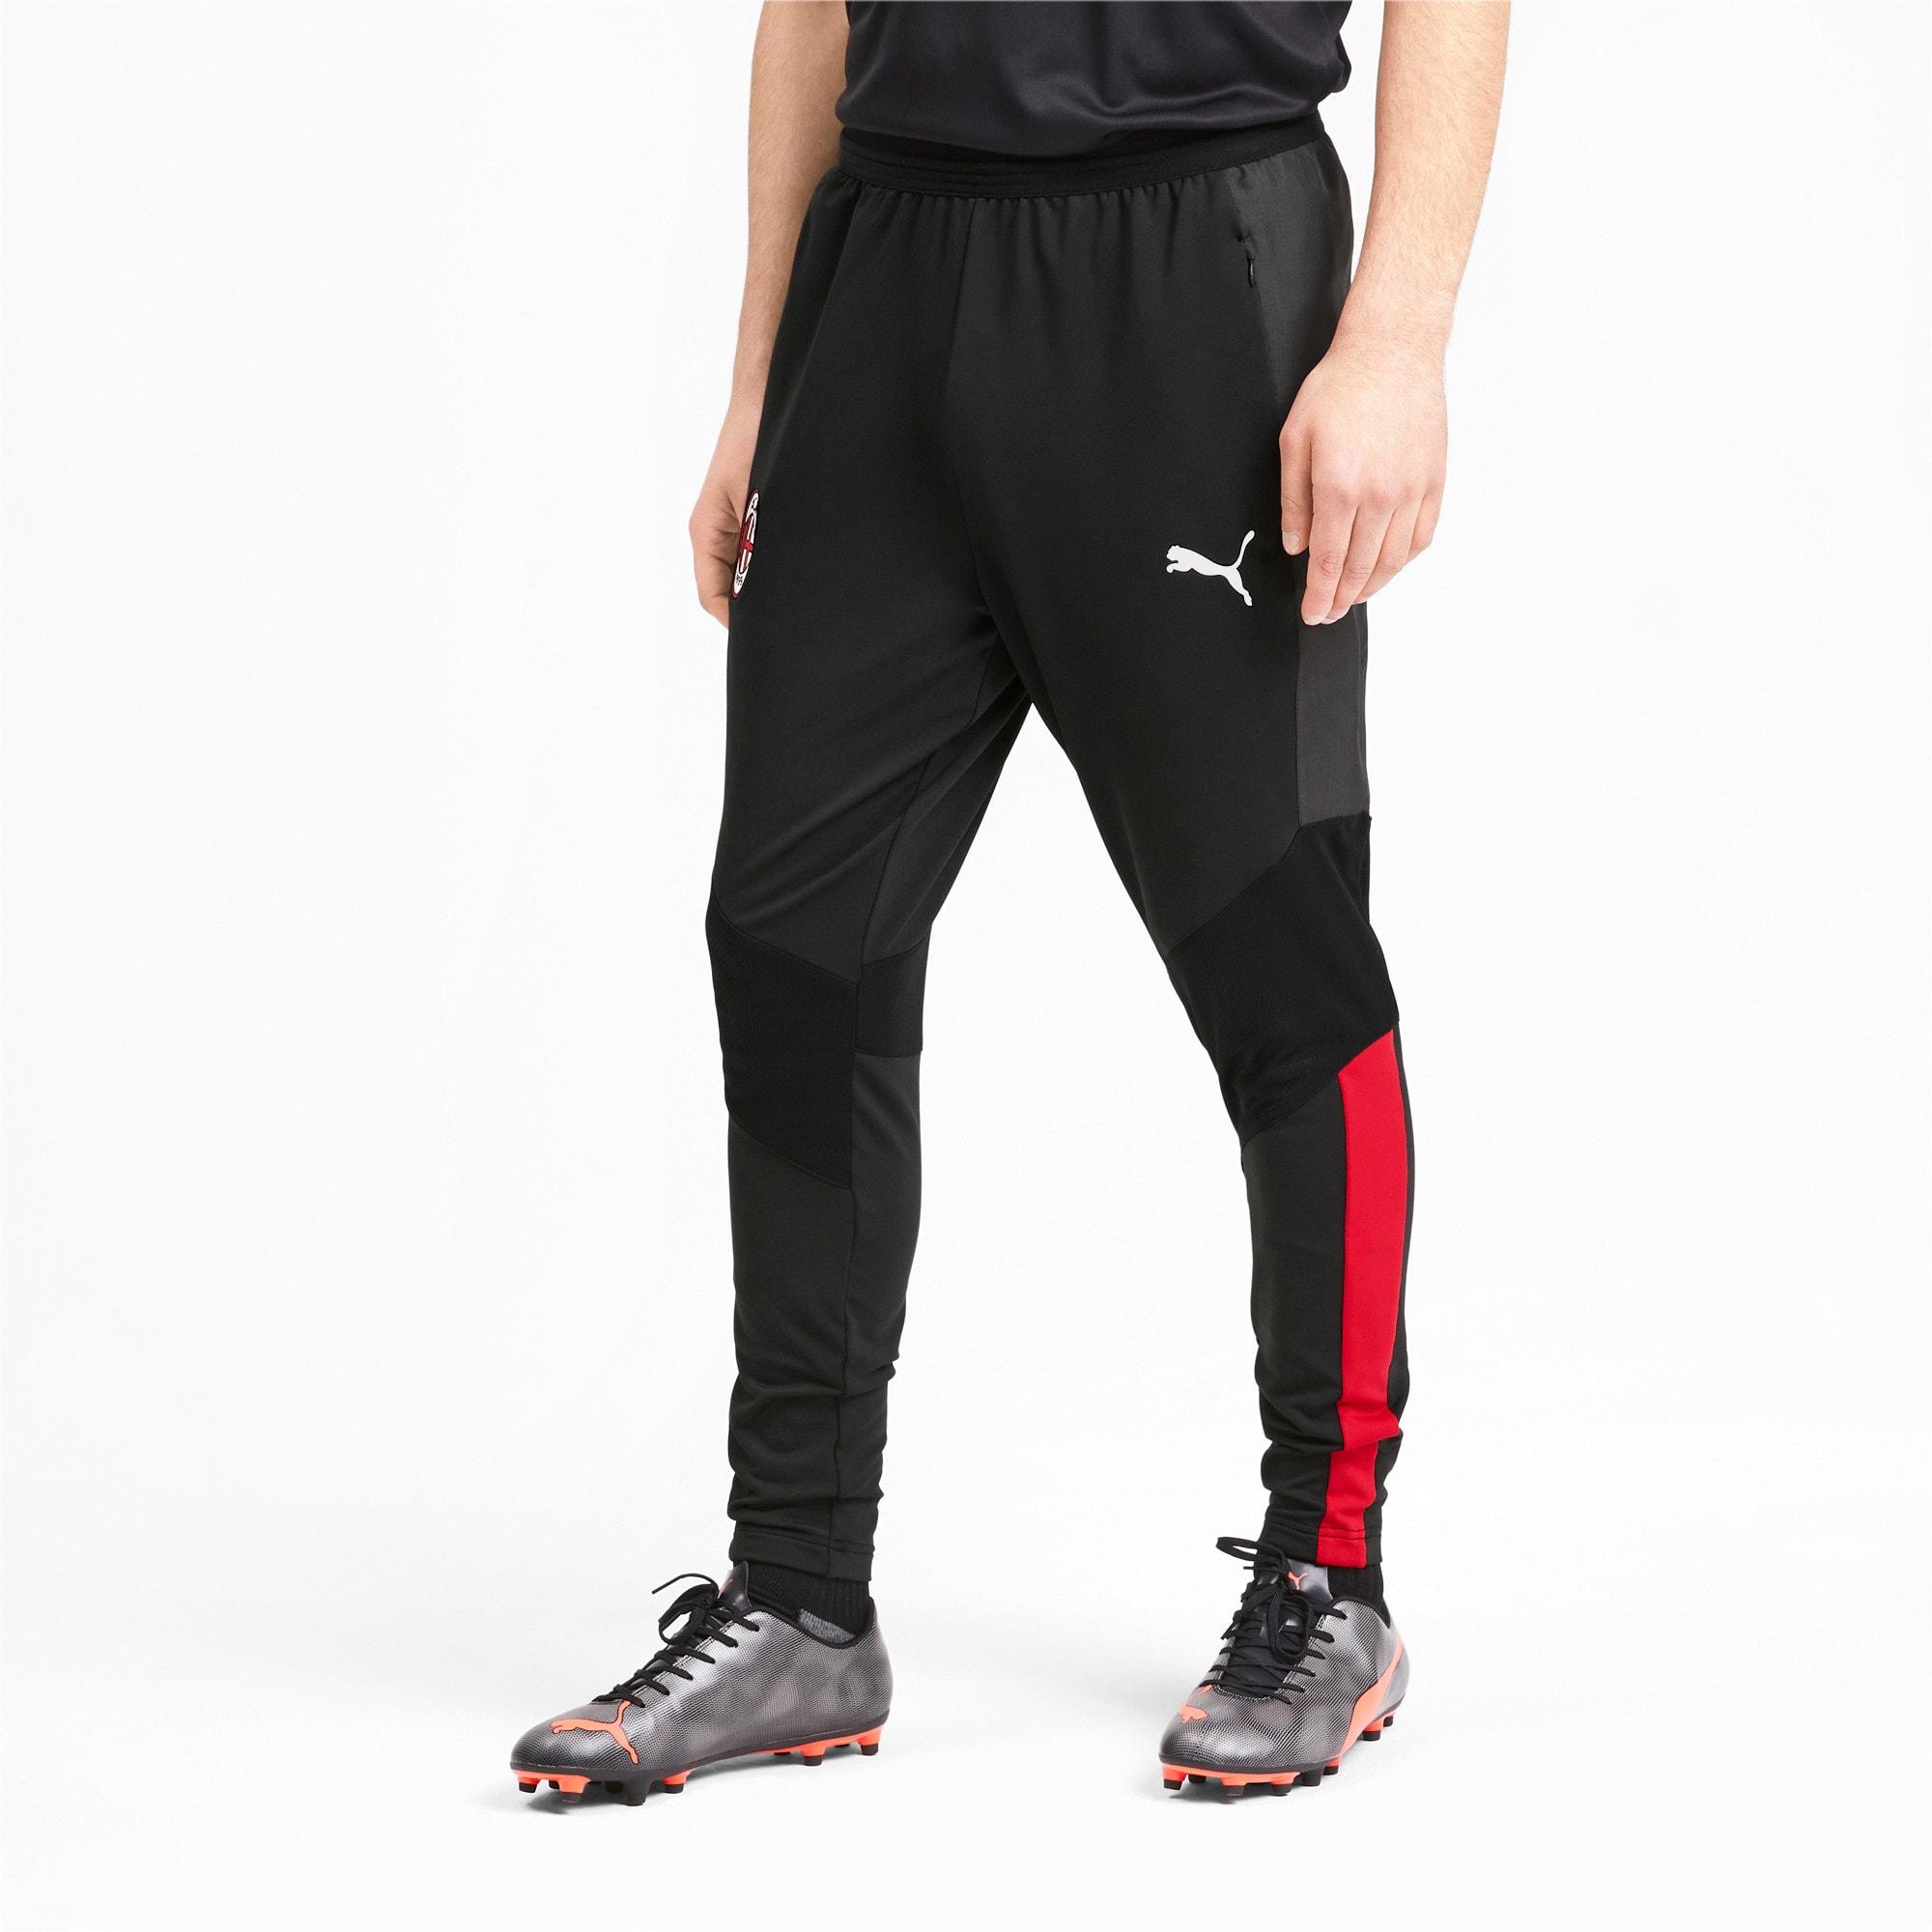 Thumbnail 1 of AC Milan Pro Herren Trainingshose, Puma Black-Tango Red, medium